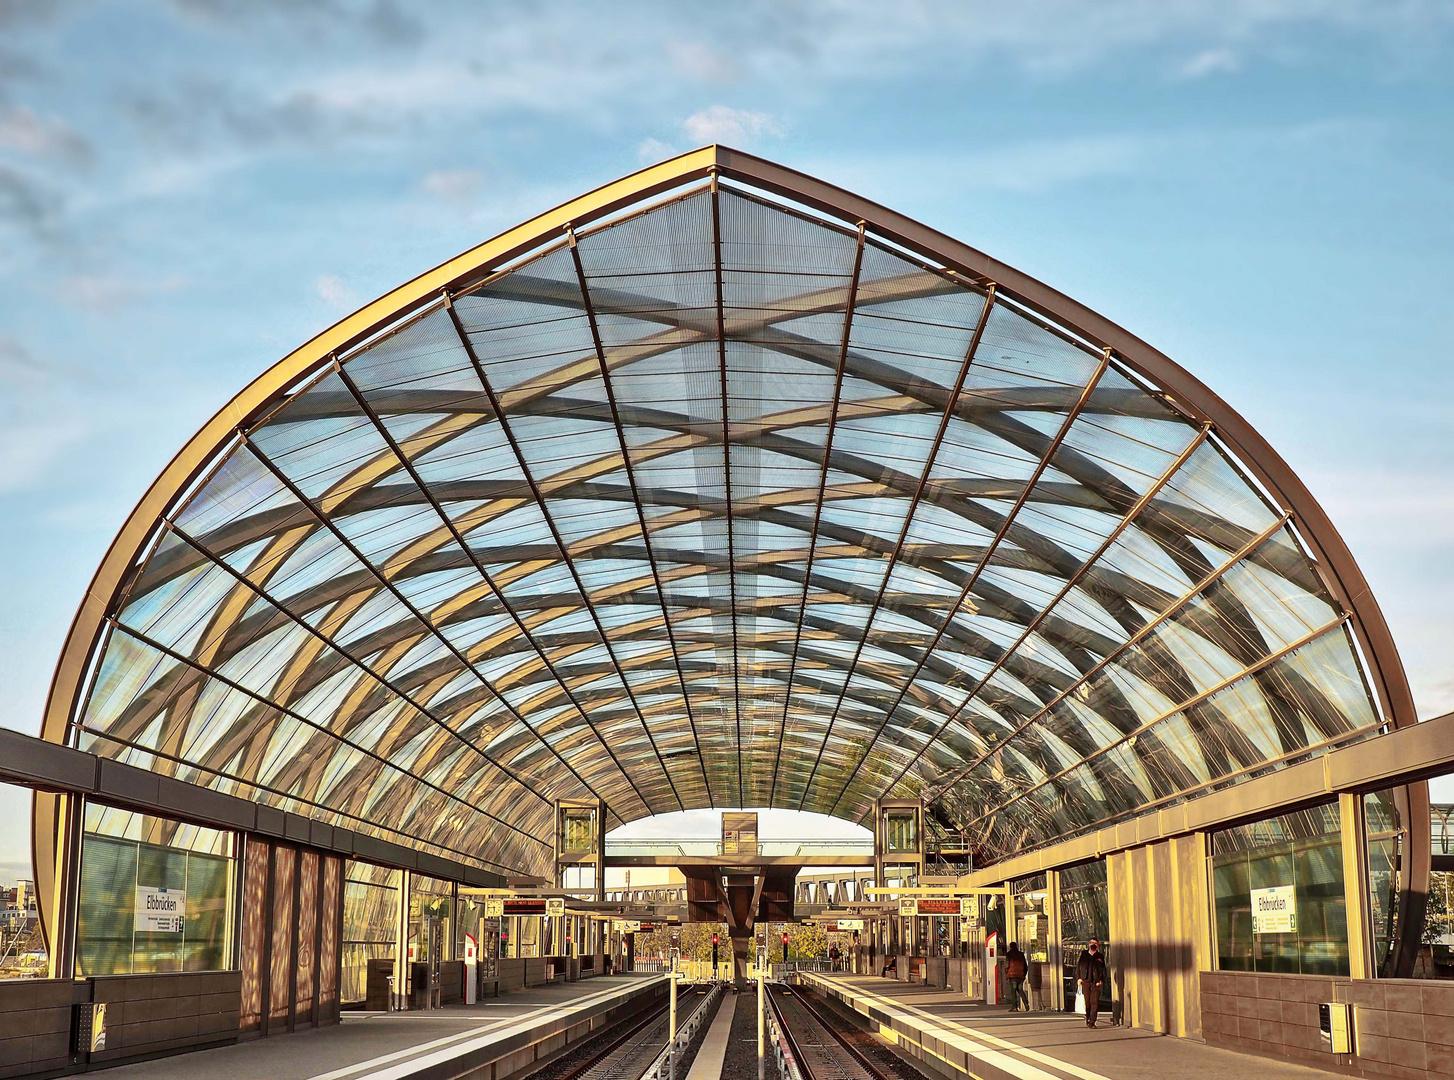 Glasdach über den Gleisen